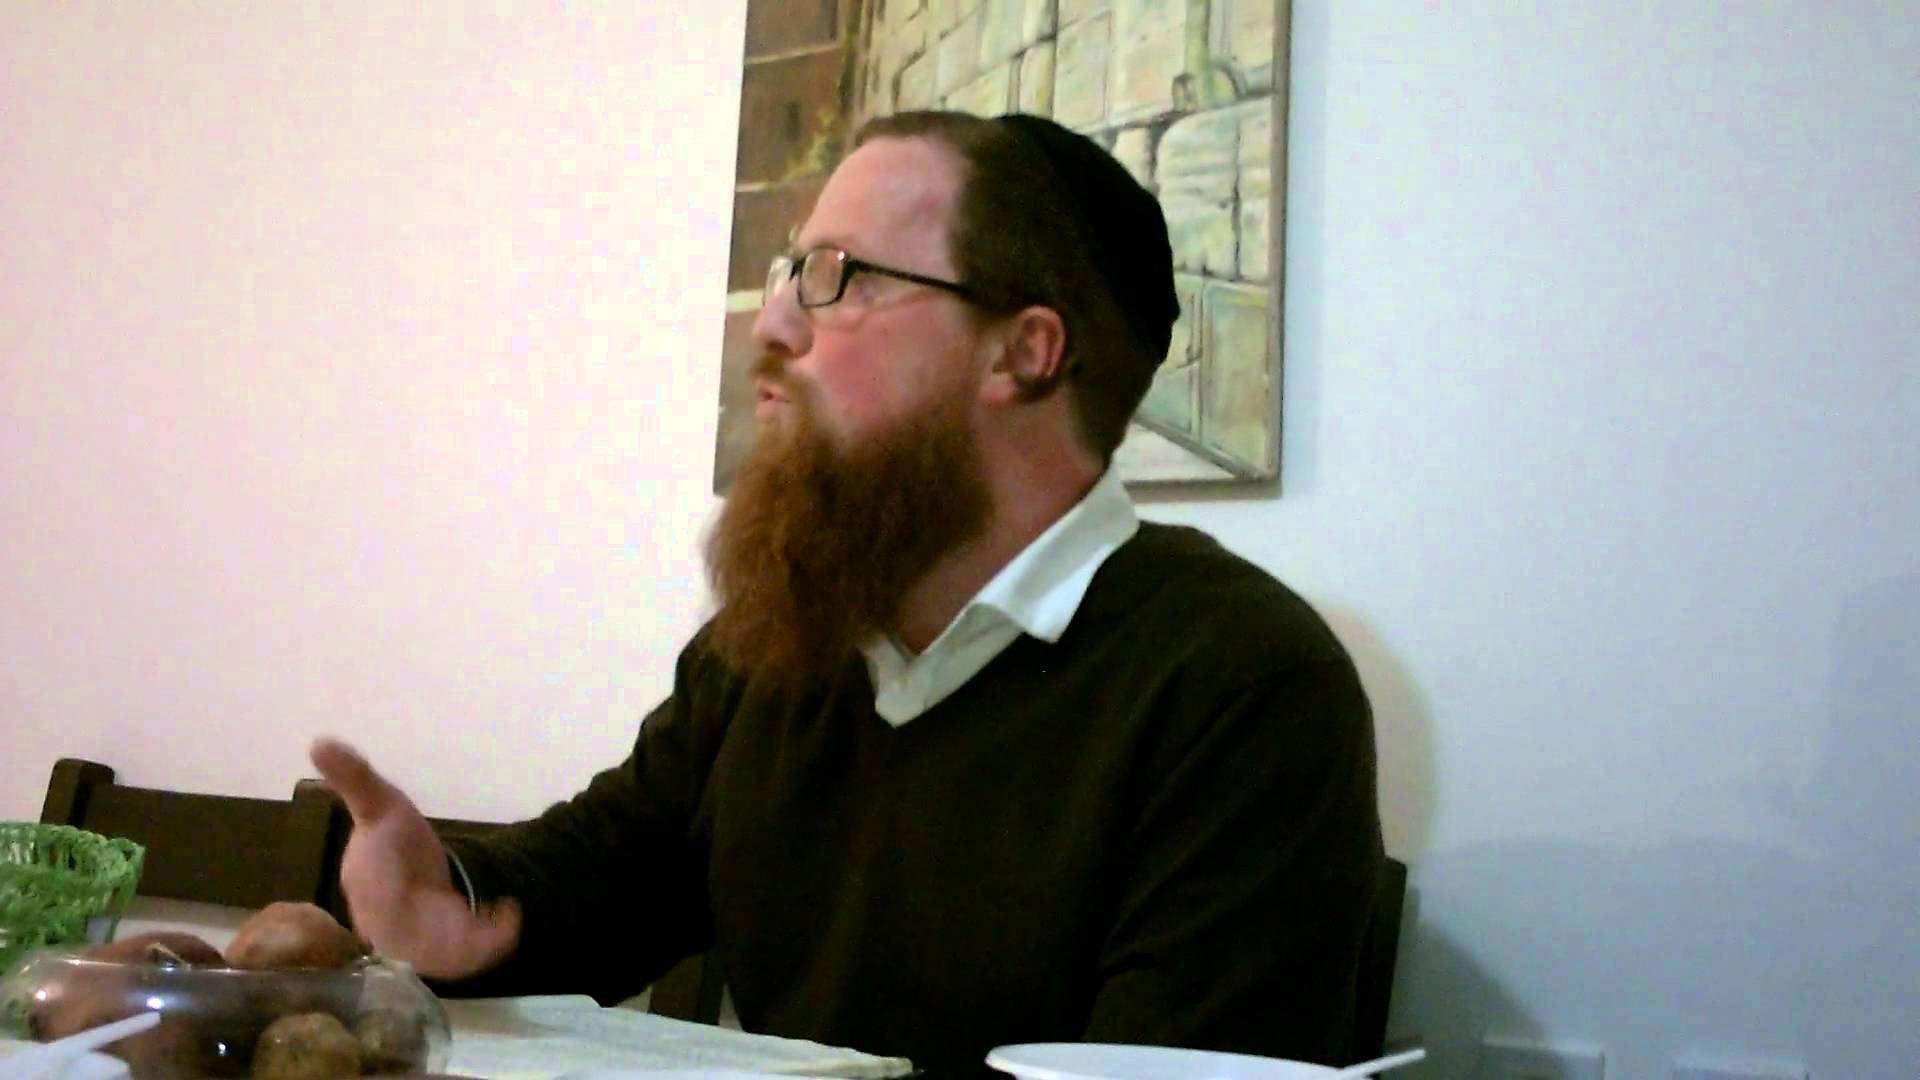 DISCUSSIONS ENTRE AMIS – «A Beth Shemesh» – «Celui qui a pitié pour de vrai, peut diriger»